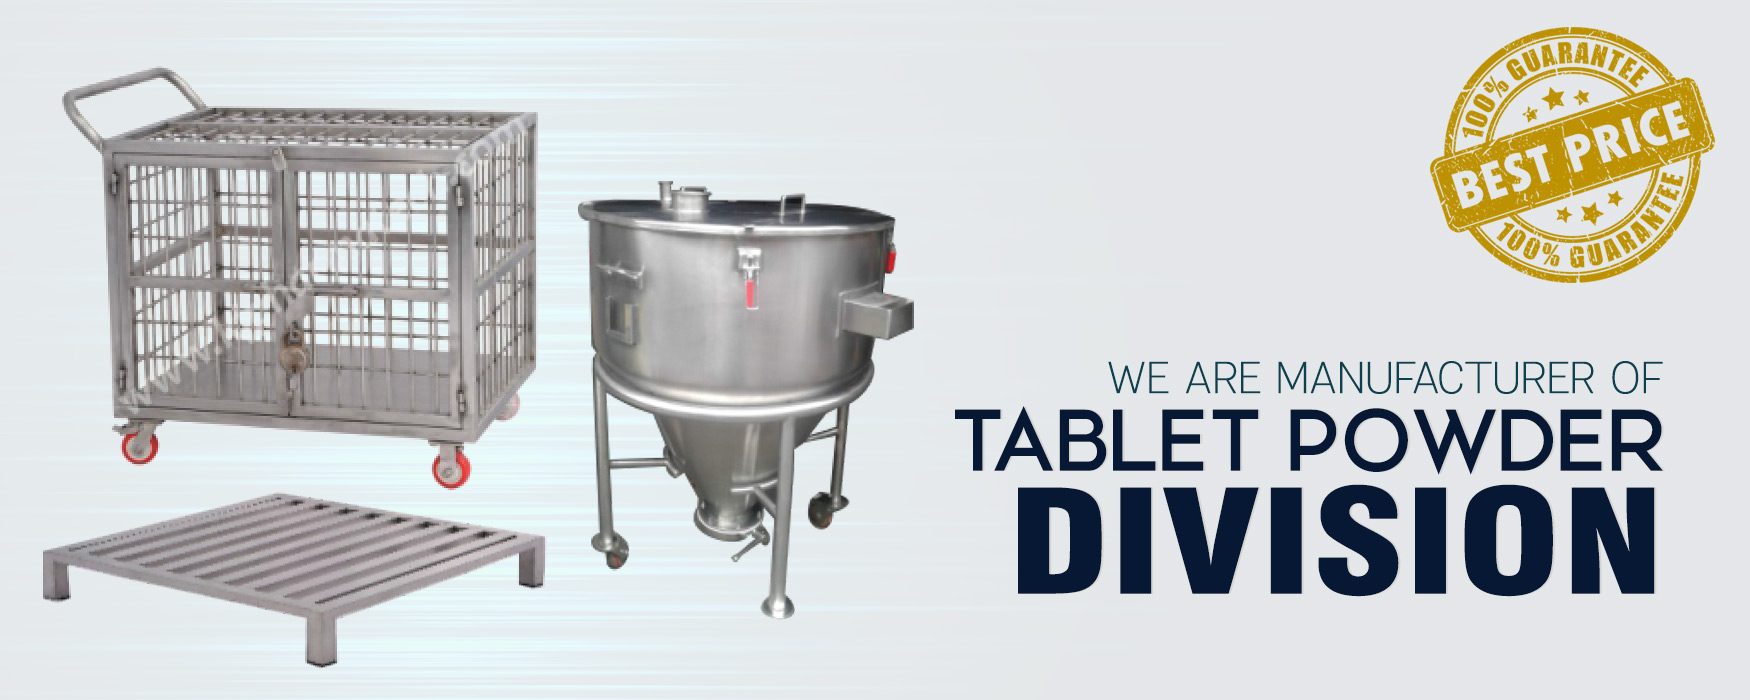 tablet powder division manufacturer